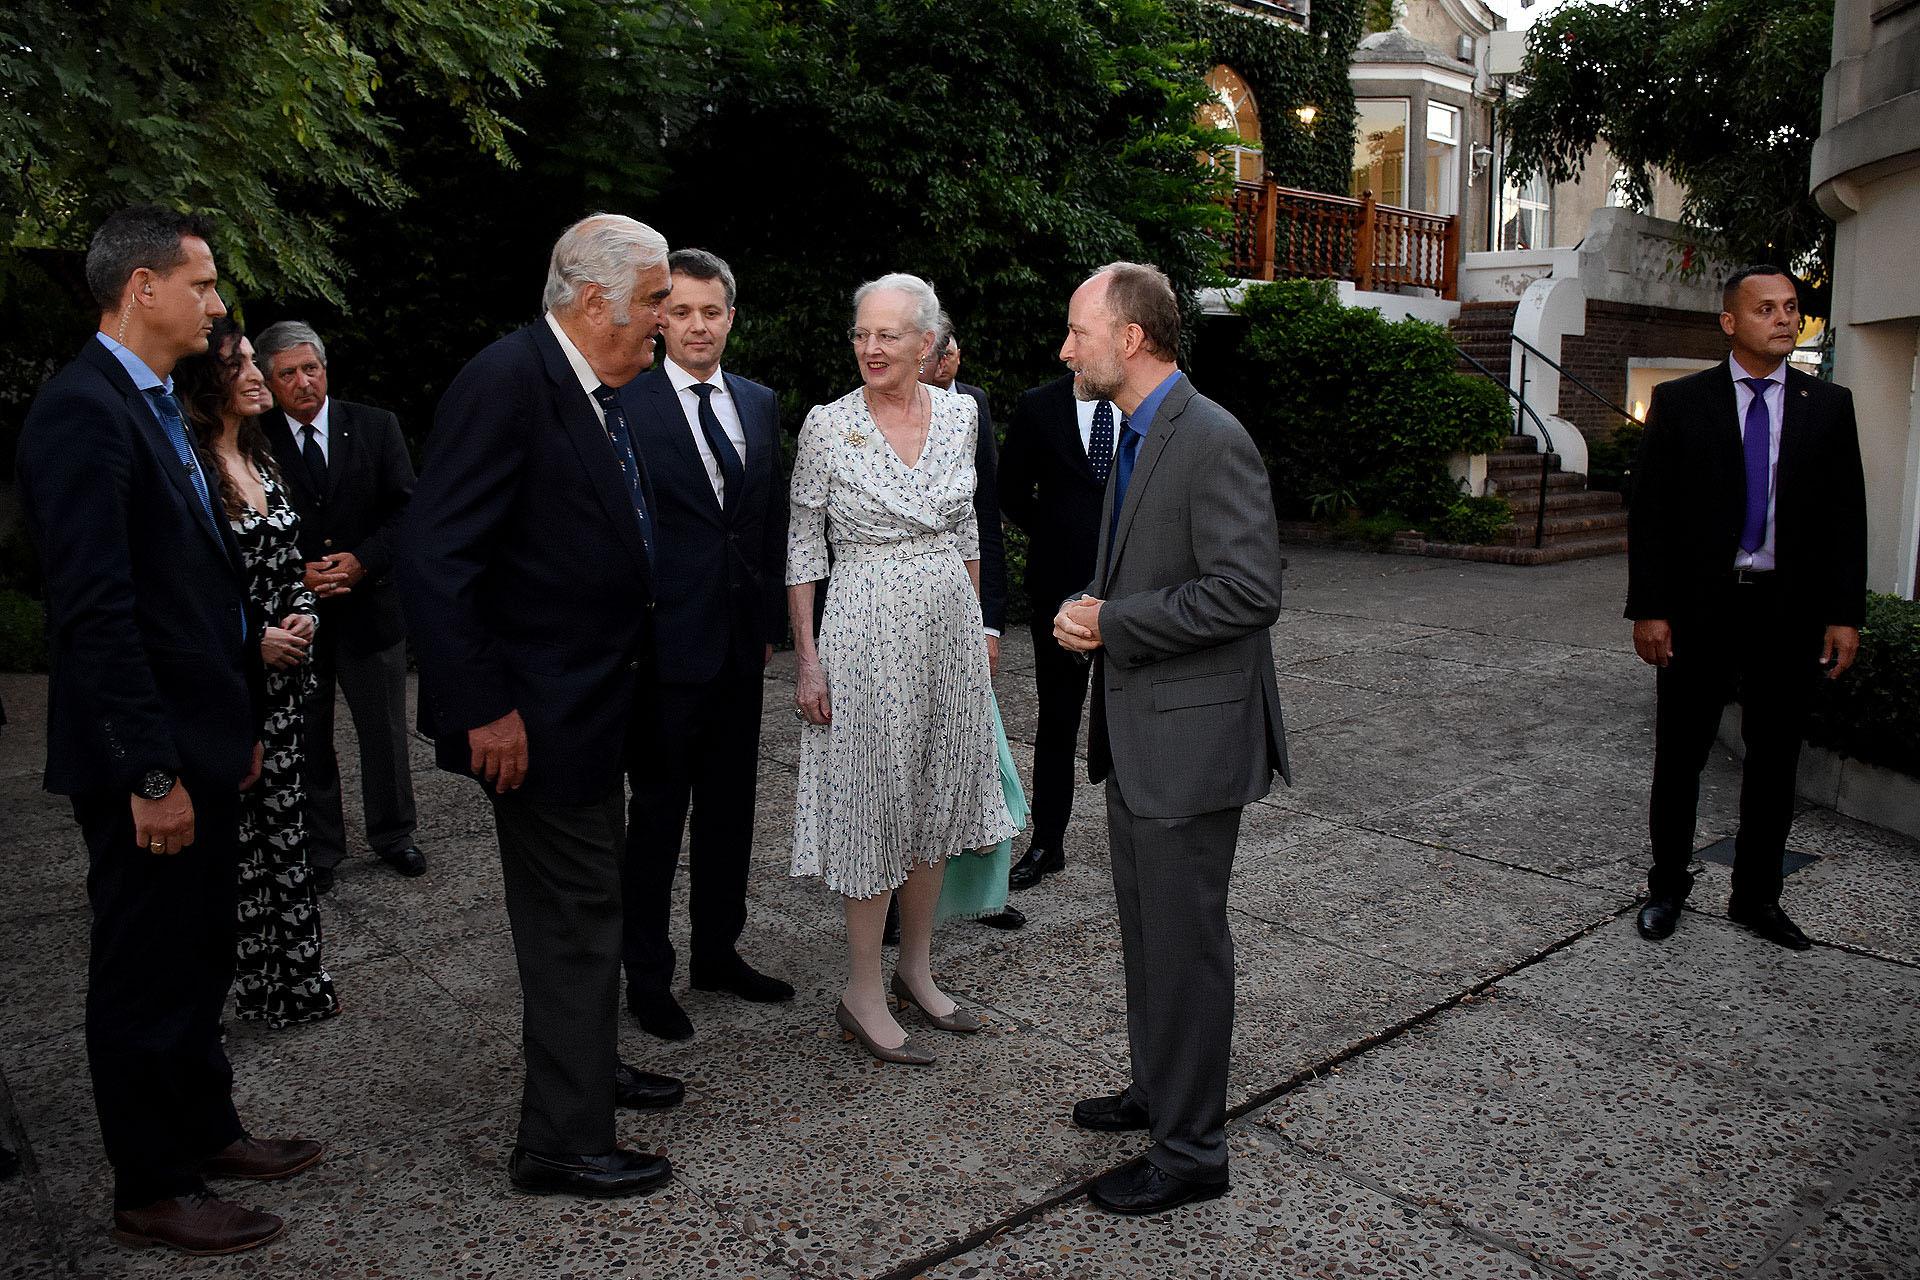 El embajador danés Søren Vøhtz junto a su esposa Sofia Vøhtz Rosenbaum reciben a su majestad en el cocktail ofrecido en el Yatch Club de Buenos Aires